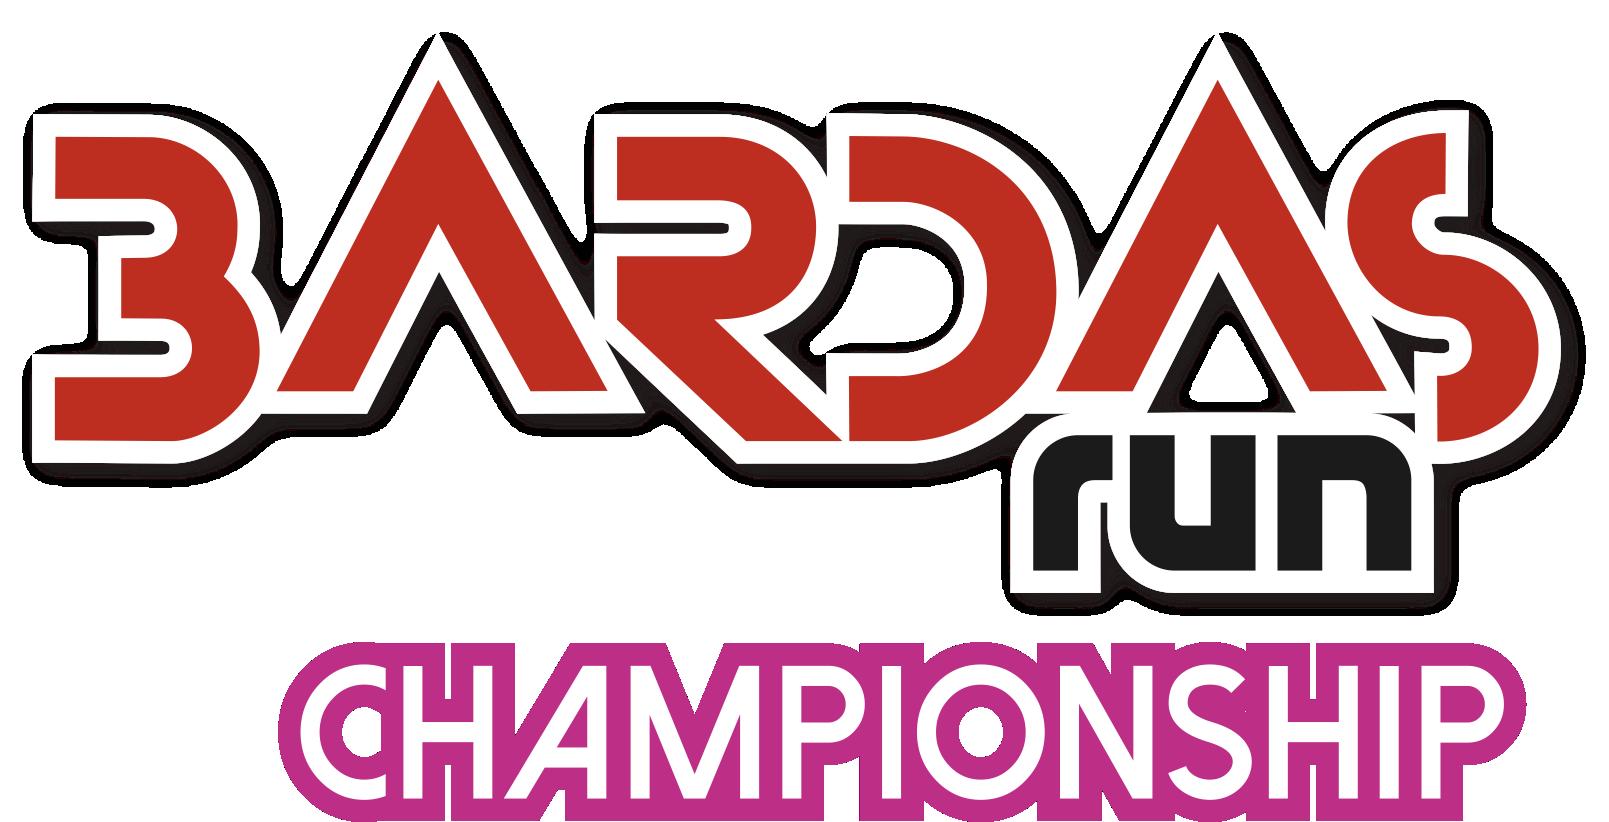 Bardas Run Championship